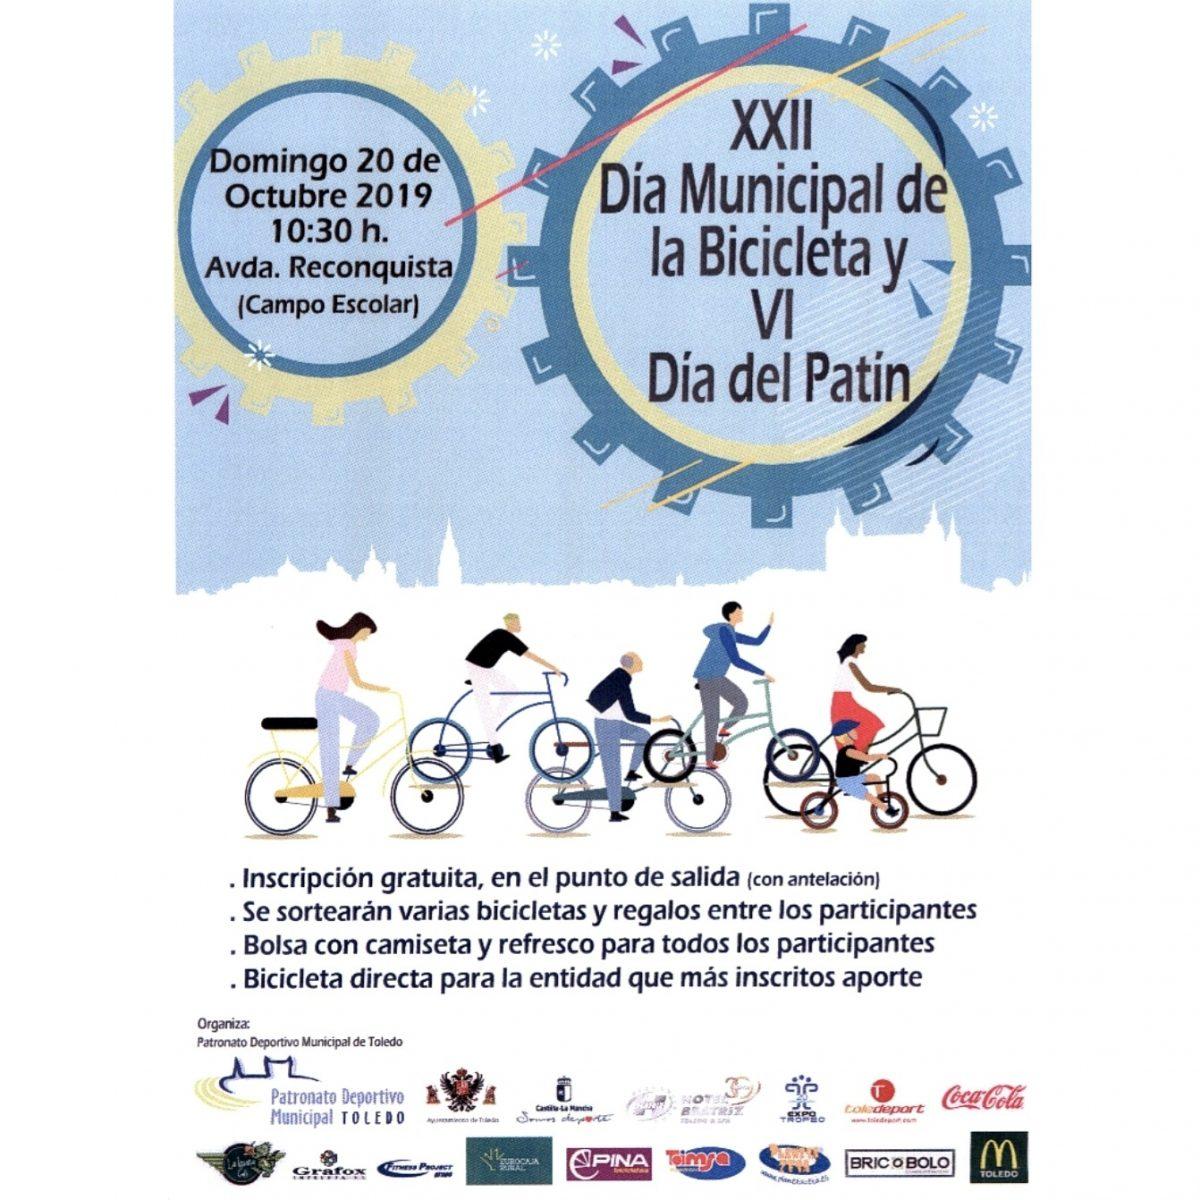 http://www.toledo.es/wp-content/uploads/2019/10/dia-de-la-bicicleta-20-octubre-1200x1200.jpg. XXII Día Municipal de la Bicicleta y VI Día Municipal del Patín